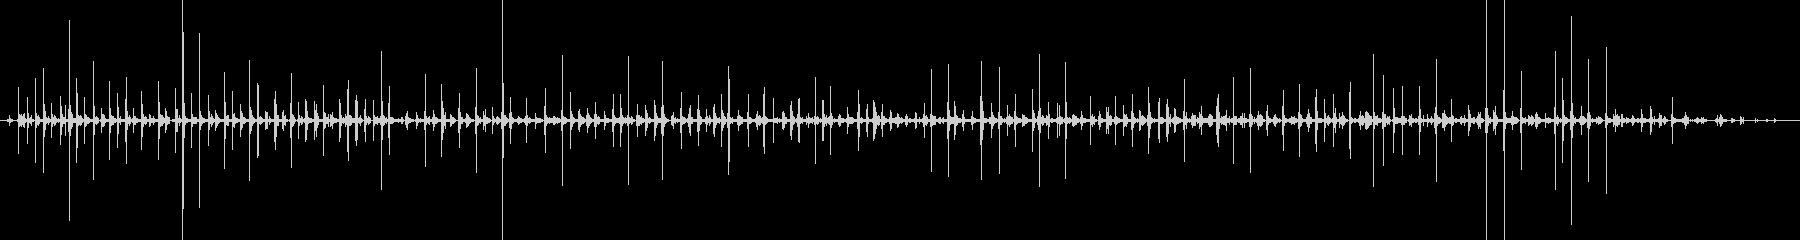 足音(走る)サンダル+コンクリートの未再生の波形